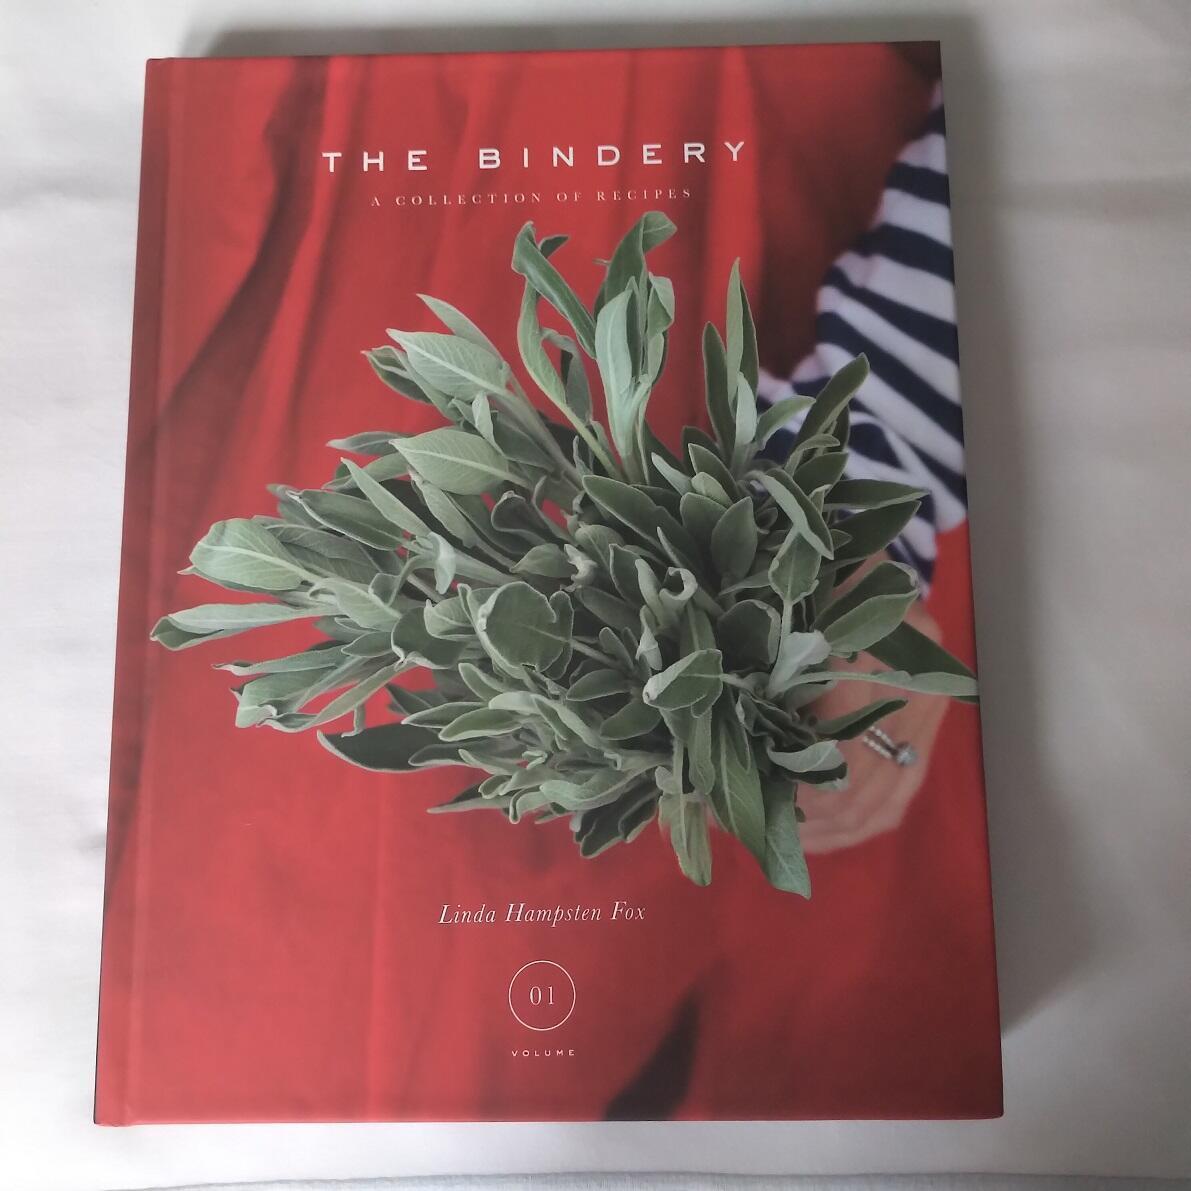 Portada del libro de cocina de la chef Linda Hampsten Fox.